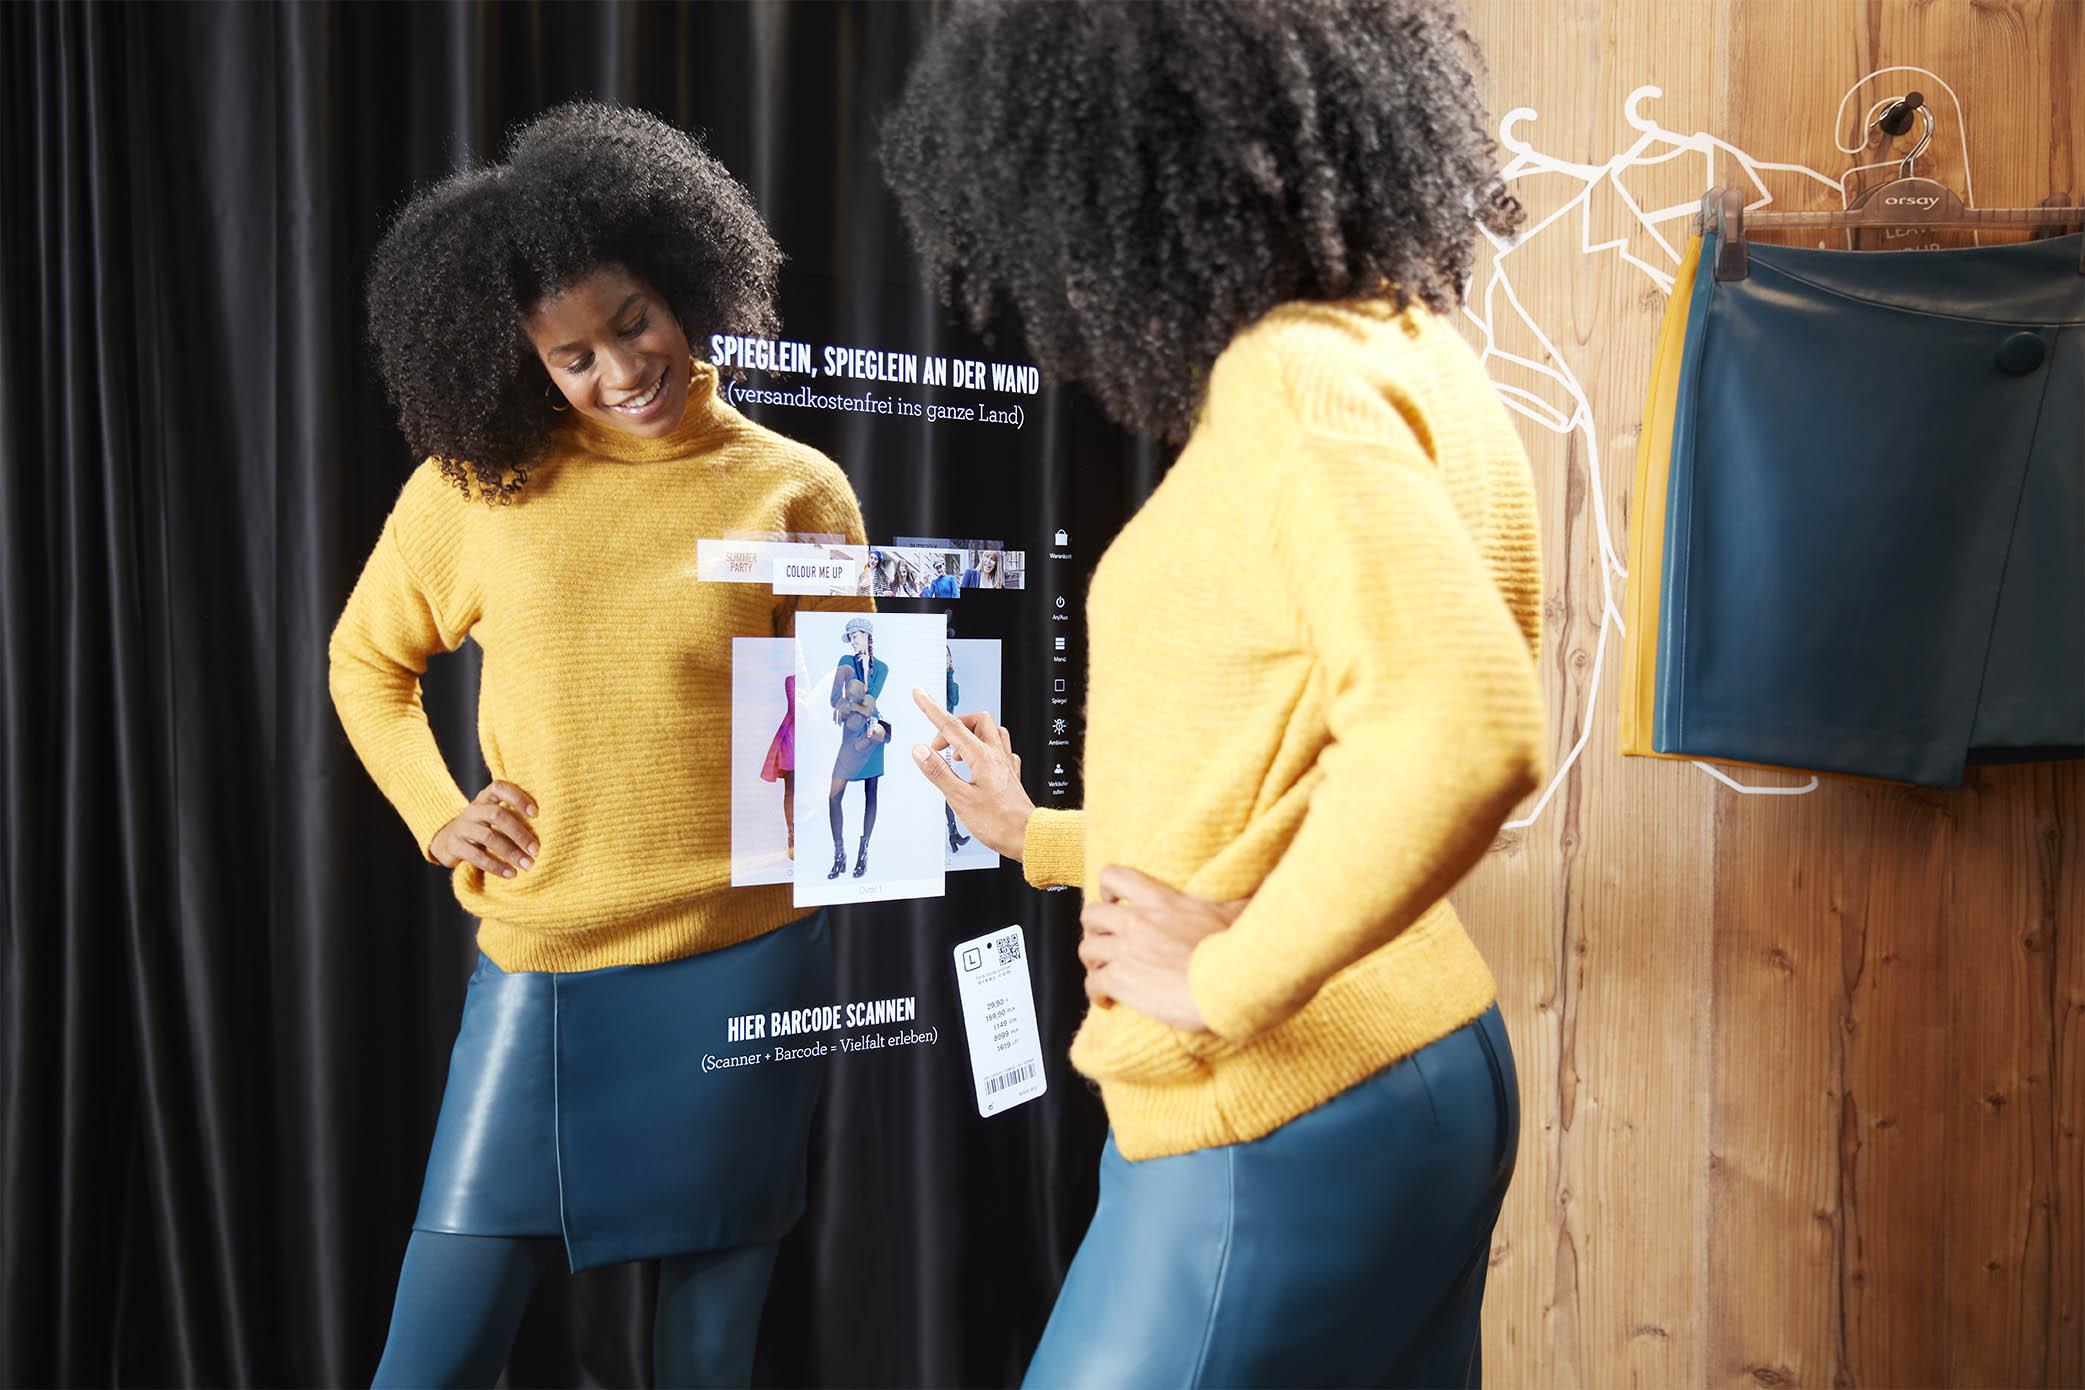 Kundin sieht sich Details eines Outfits im Spiegel des Interactive Fitting Rooms an